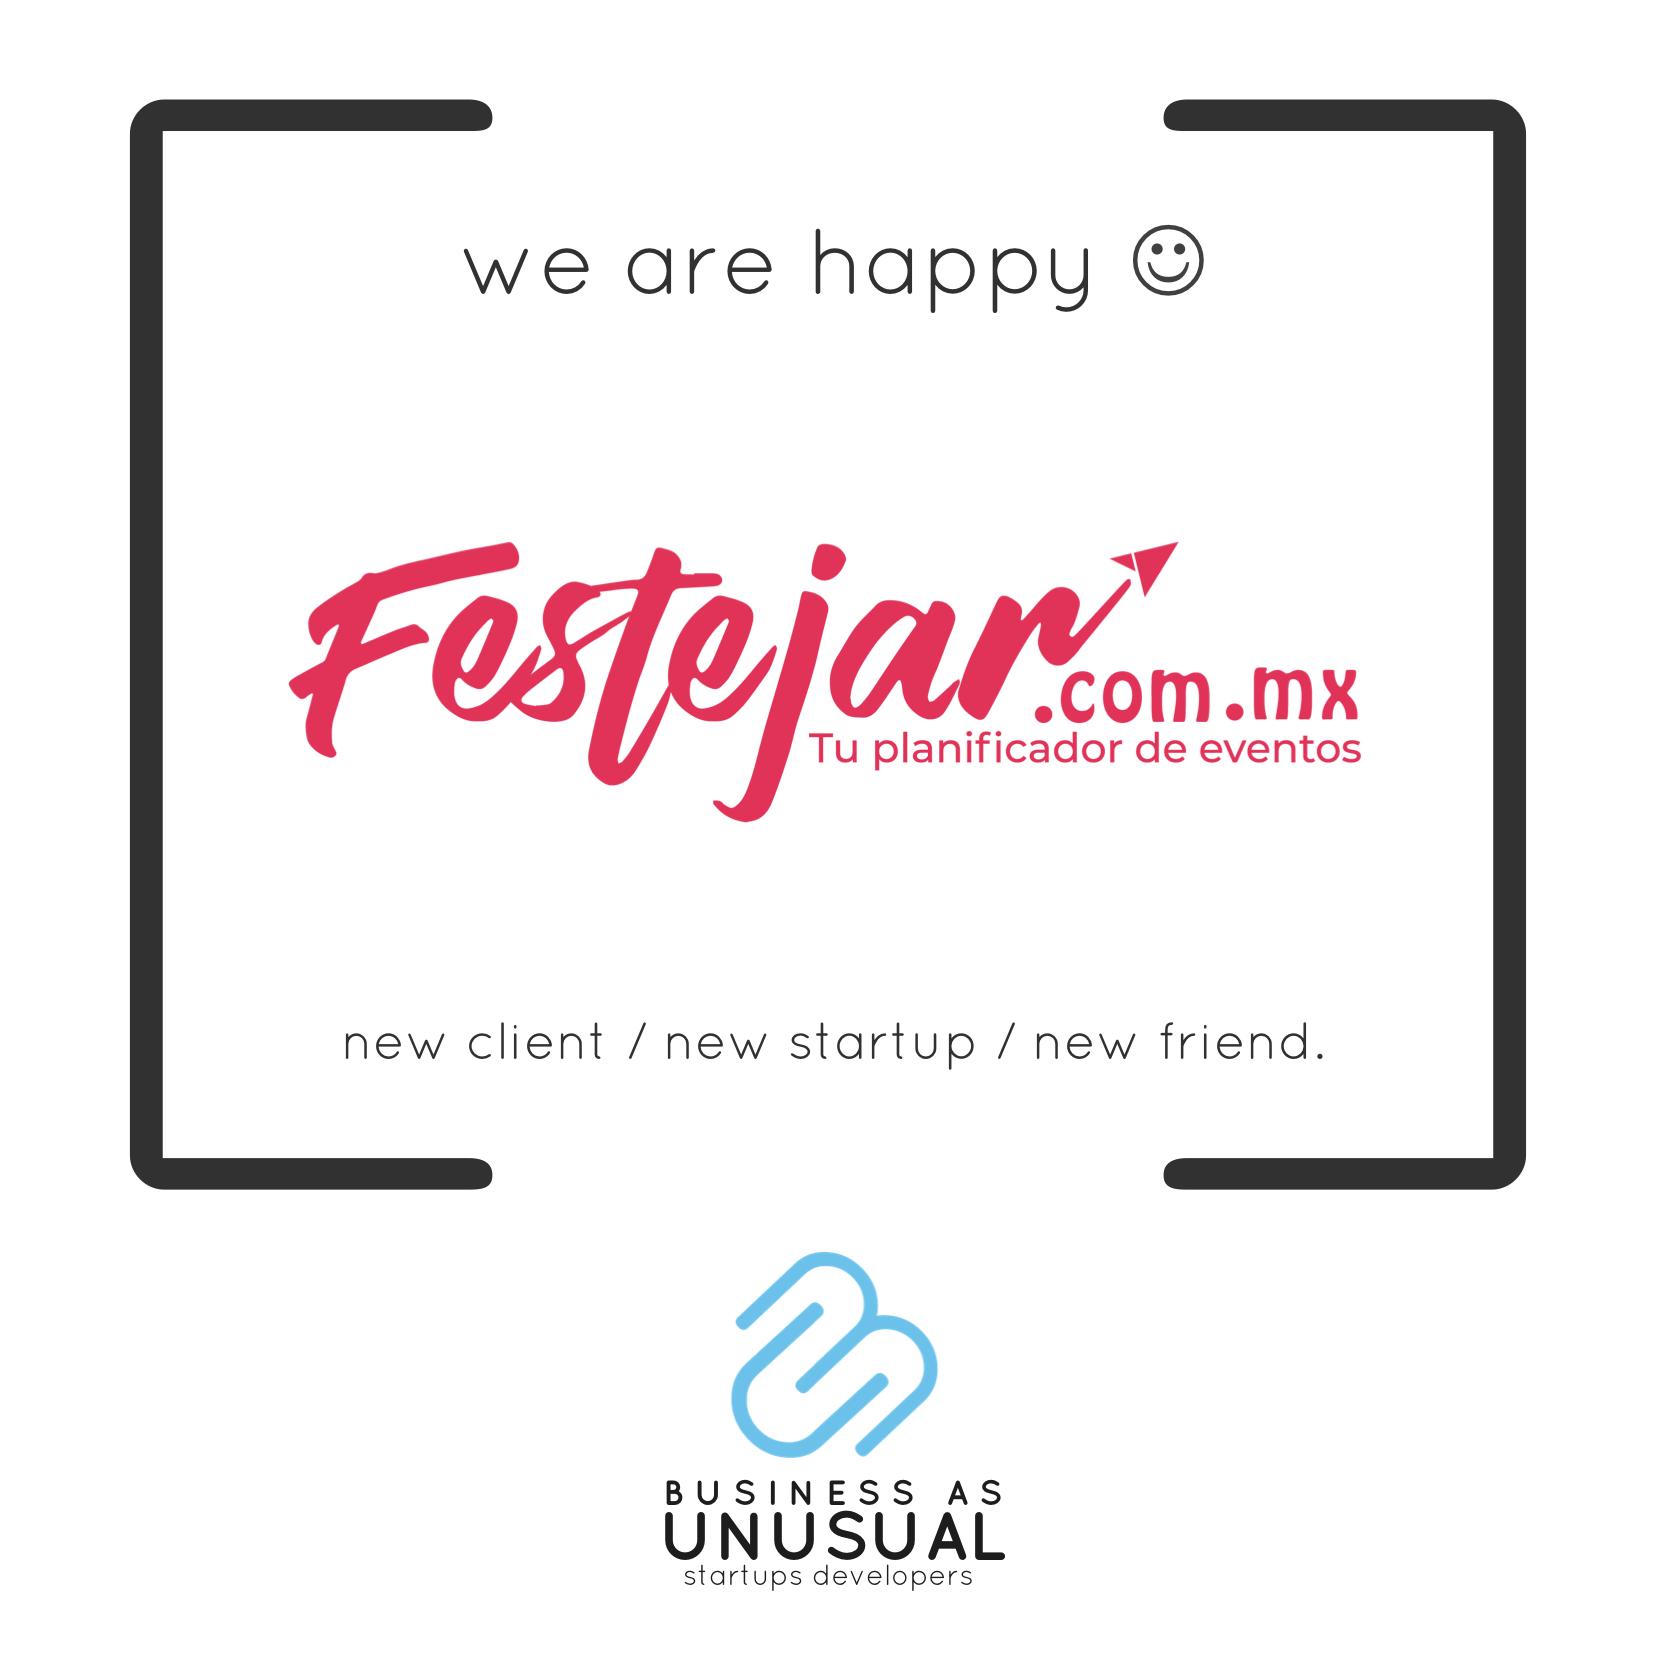 Festejar.com.mx